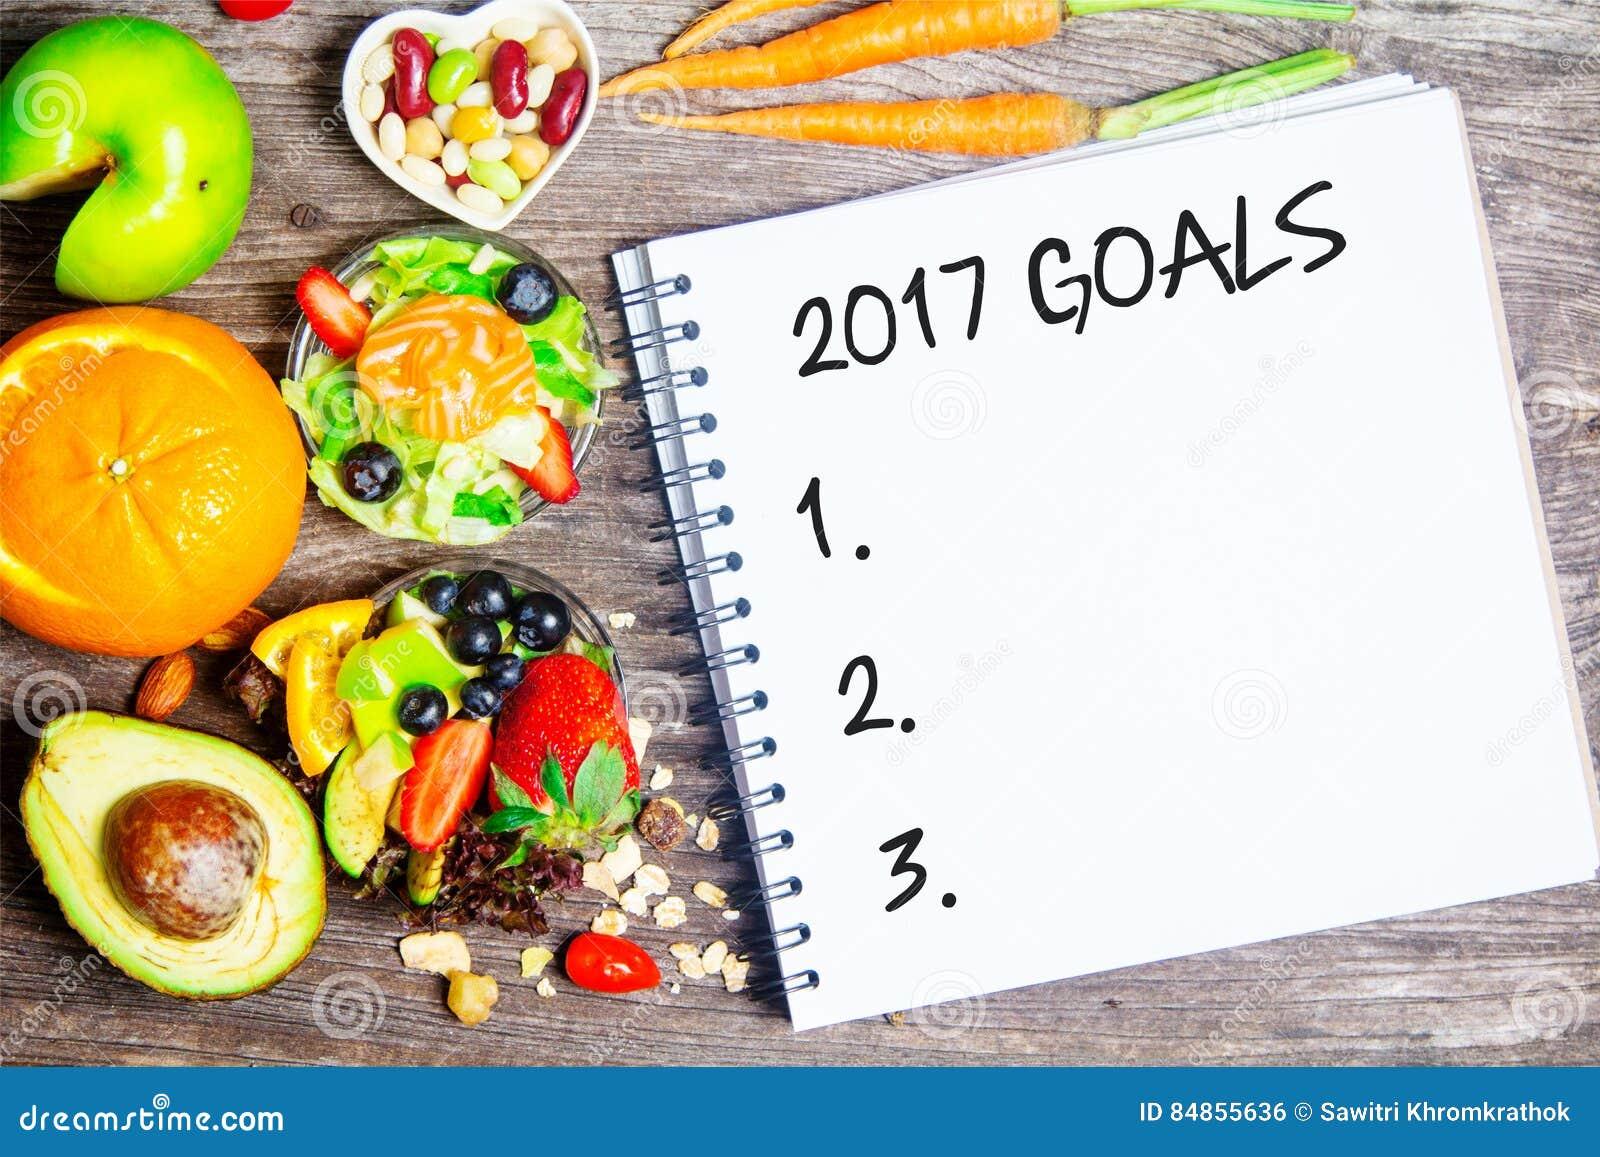 Liste de 2017 buts avec des fruits et l gumes de carnet - Liste fruits exotiques avec photos ...